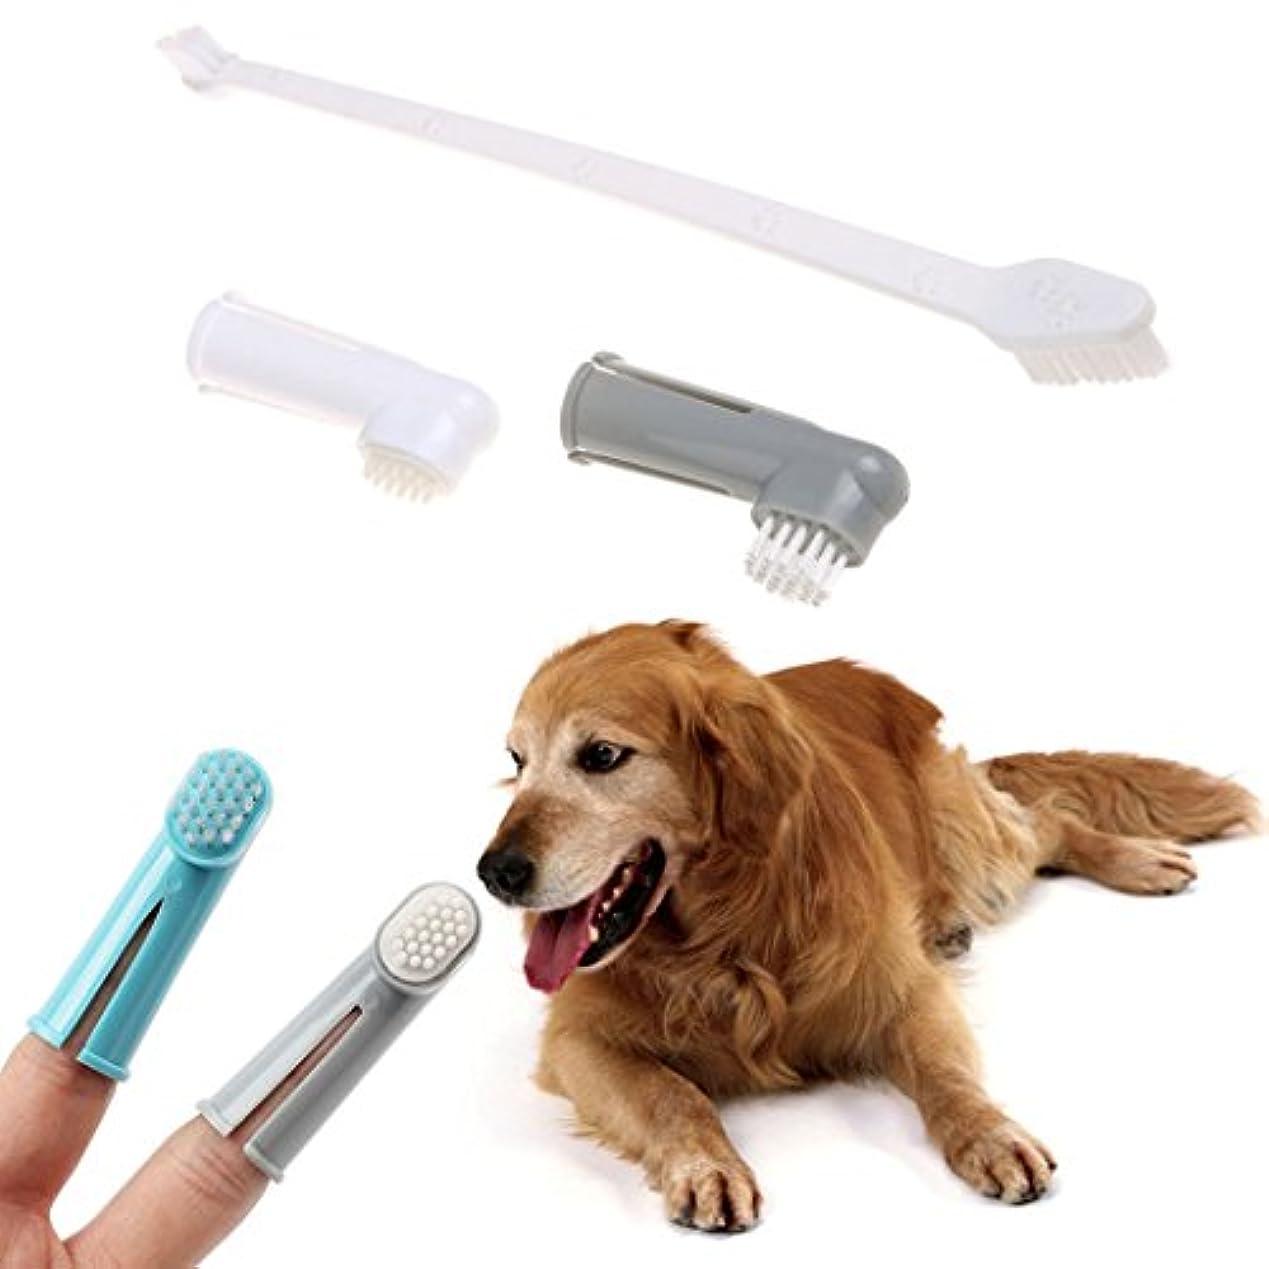 インキュバス半円後ろにLegendog ペットの歯ブラシ 犬用歯ブラシ 指歯 ブラシ 歯磨き ペット歯ケア用品 カラフル 3ピースセット(合計9個)